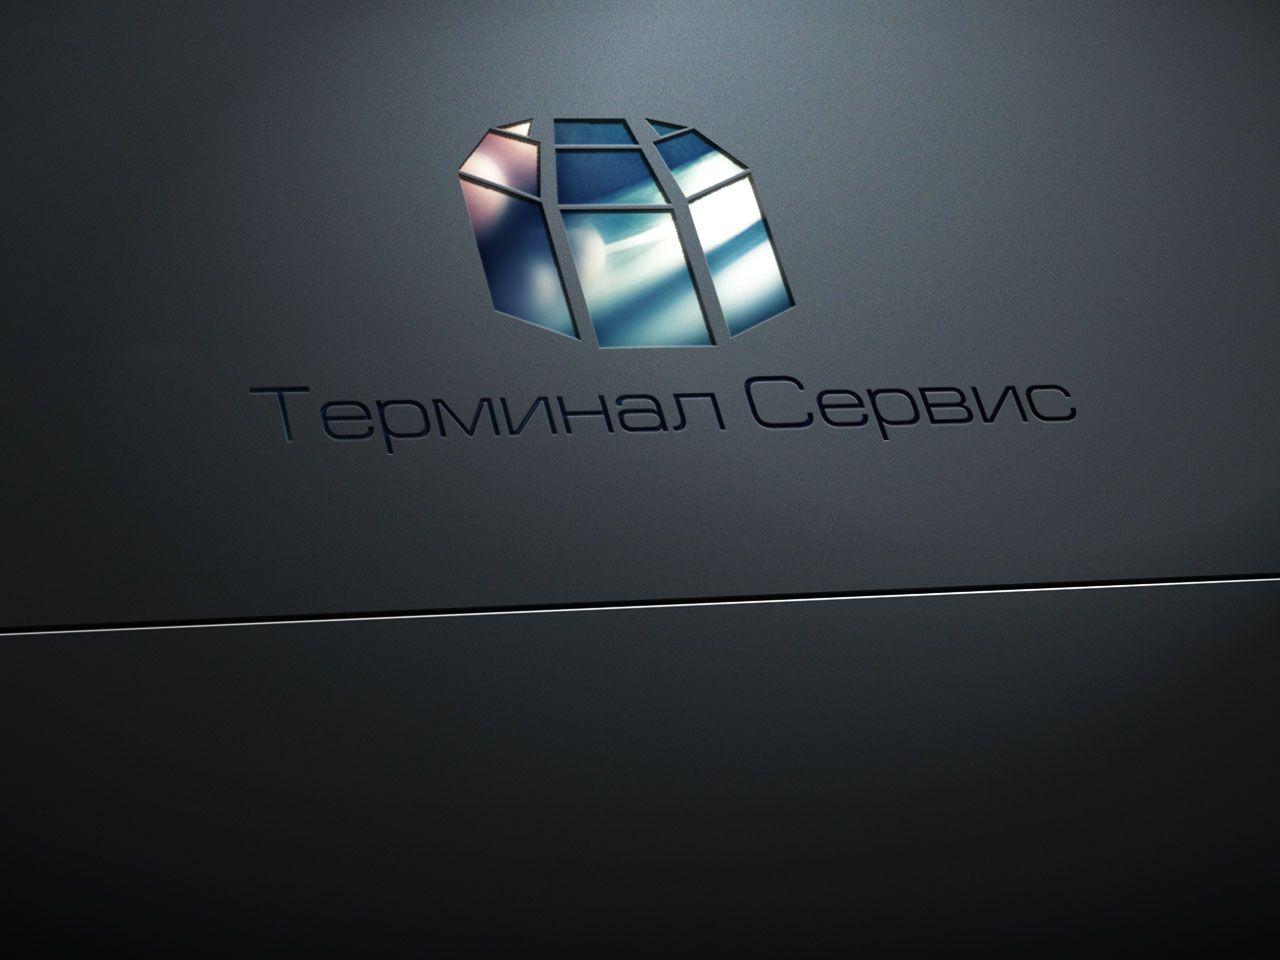 Требуется обновление логотипа компании - дизайнер yuldashbaev